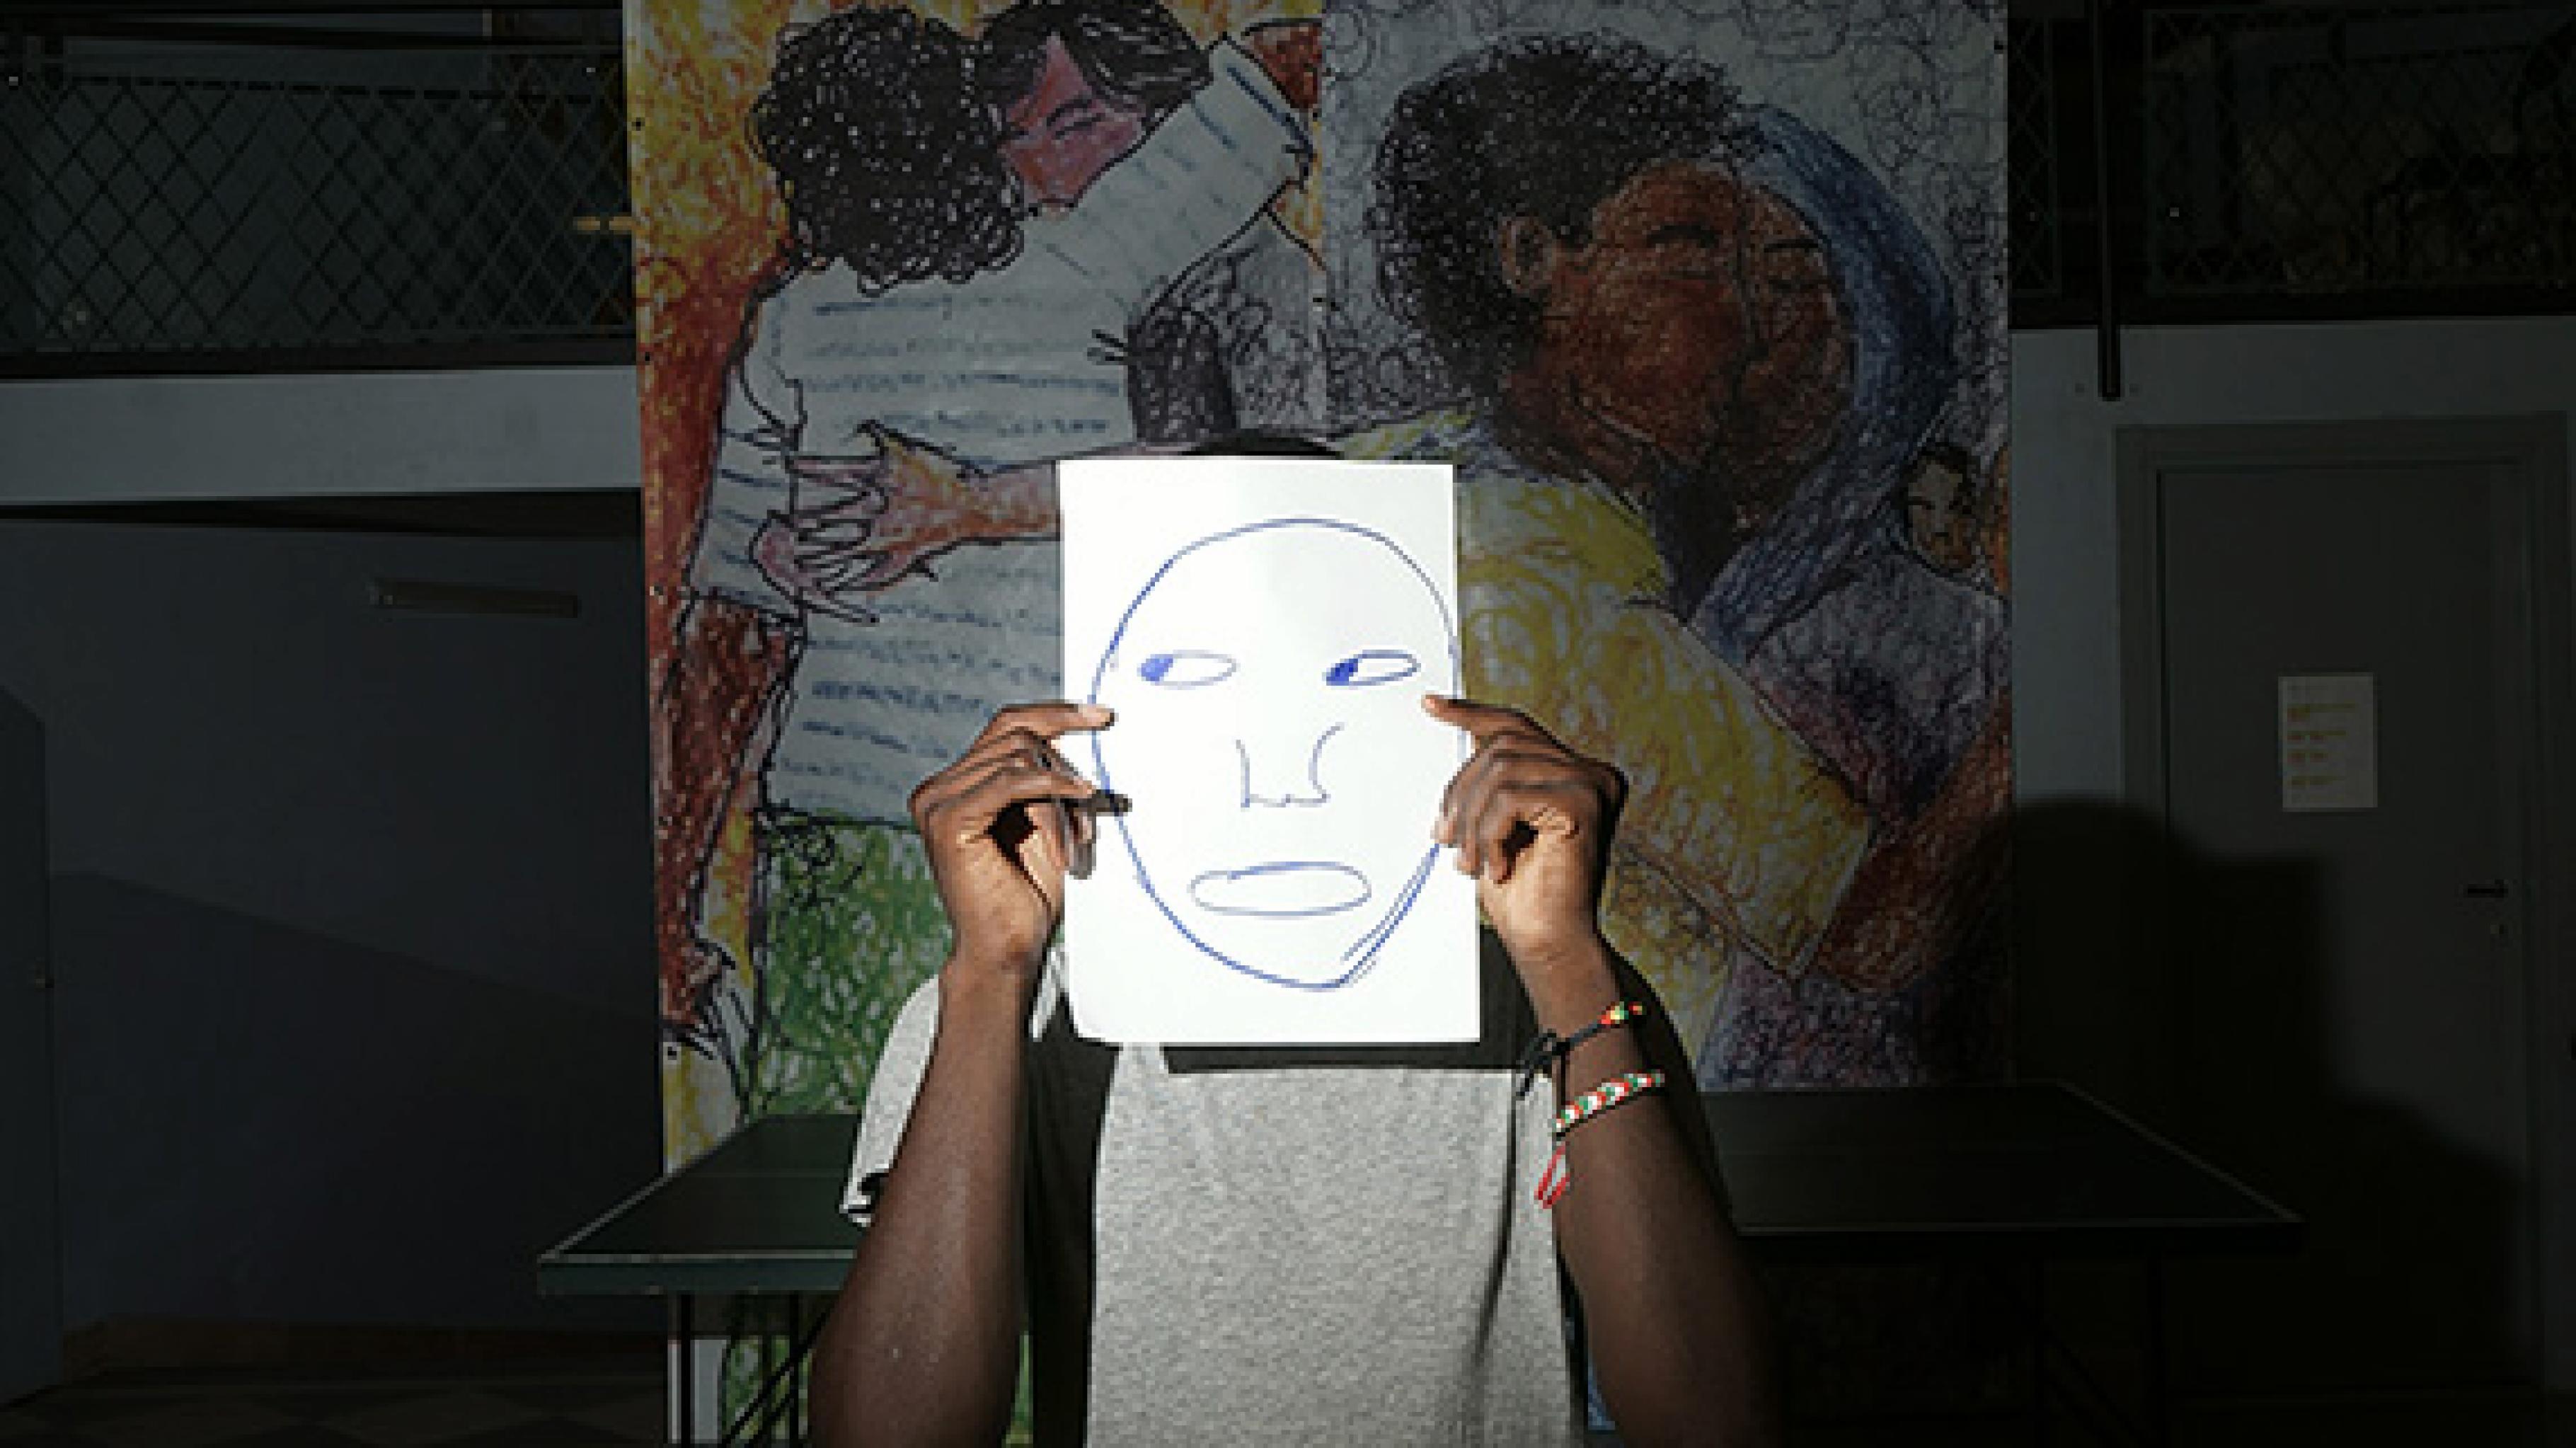 Ein Jugendlicher verdeckt sein Gesicht durch ein weißes Papier, auf dem ein Gesicht aufgemalt ist